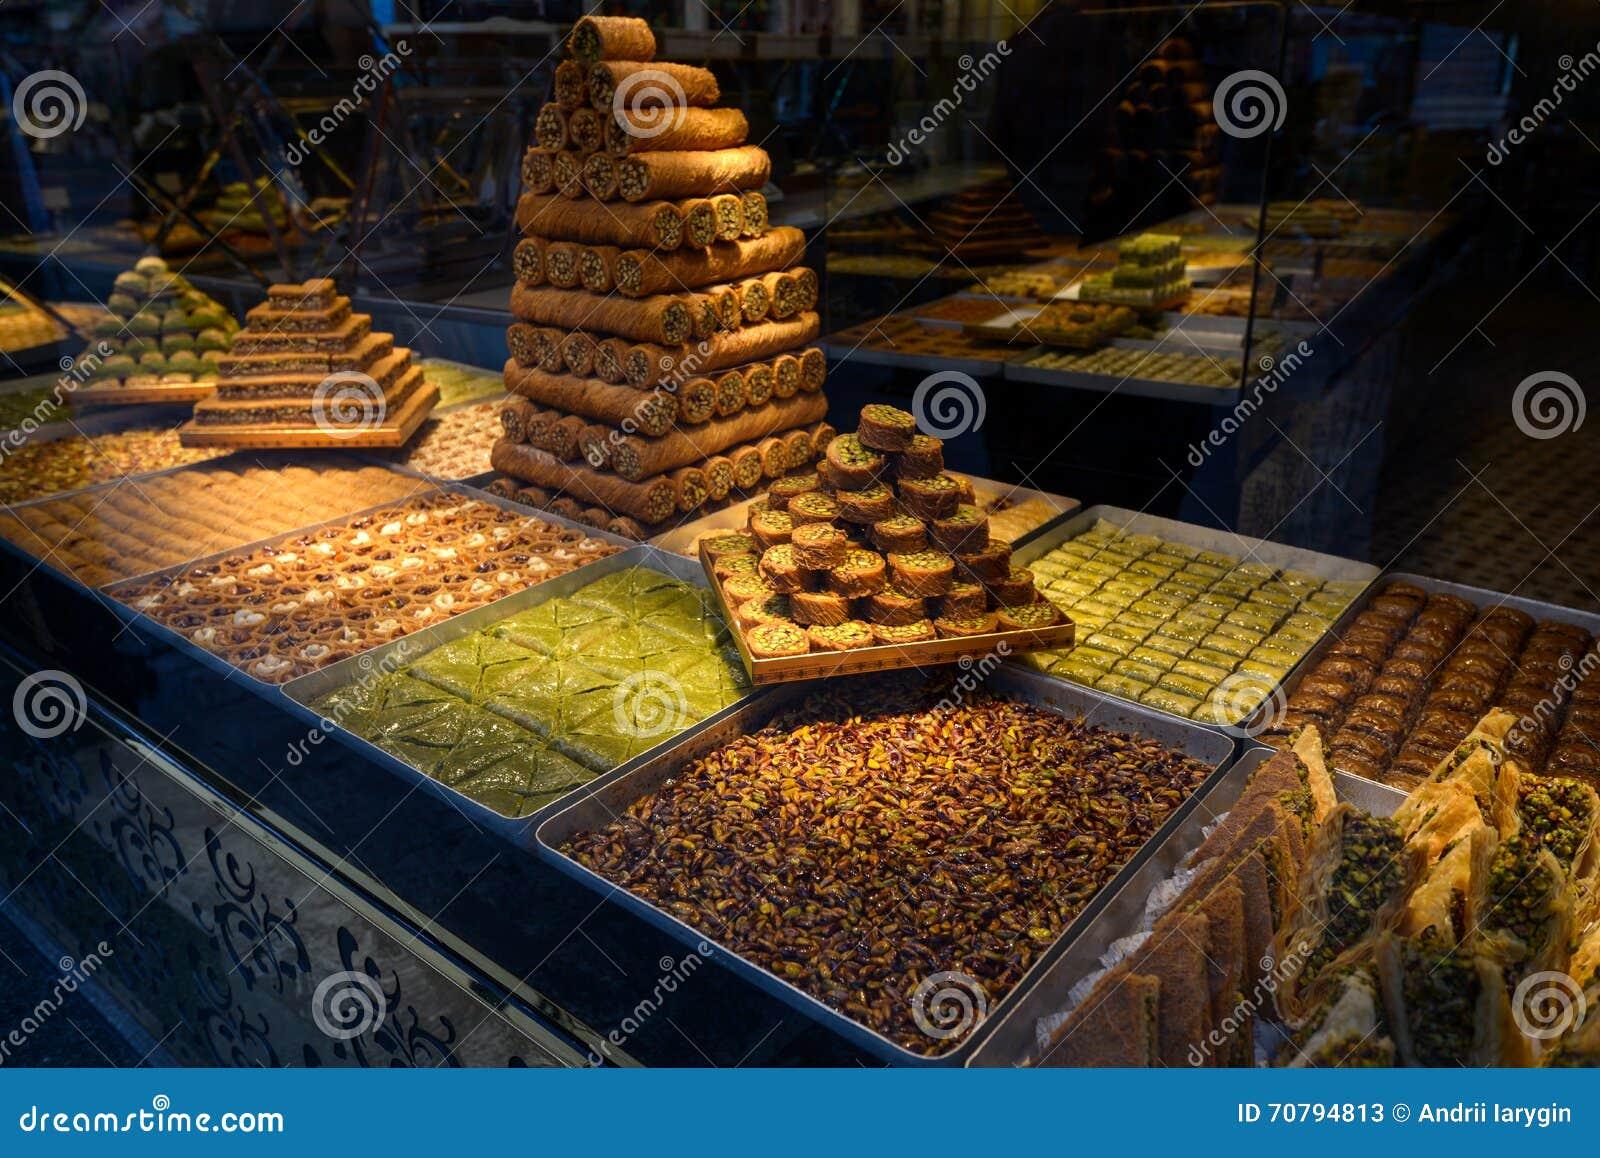 Turkish delight, baklava